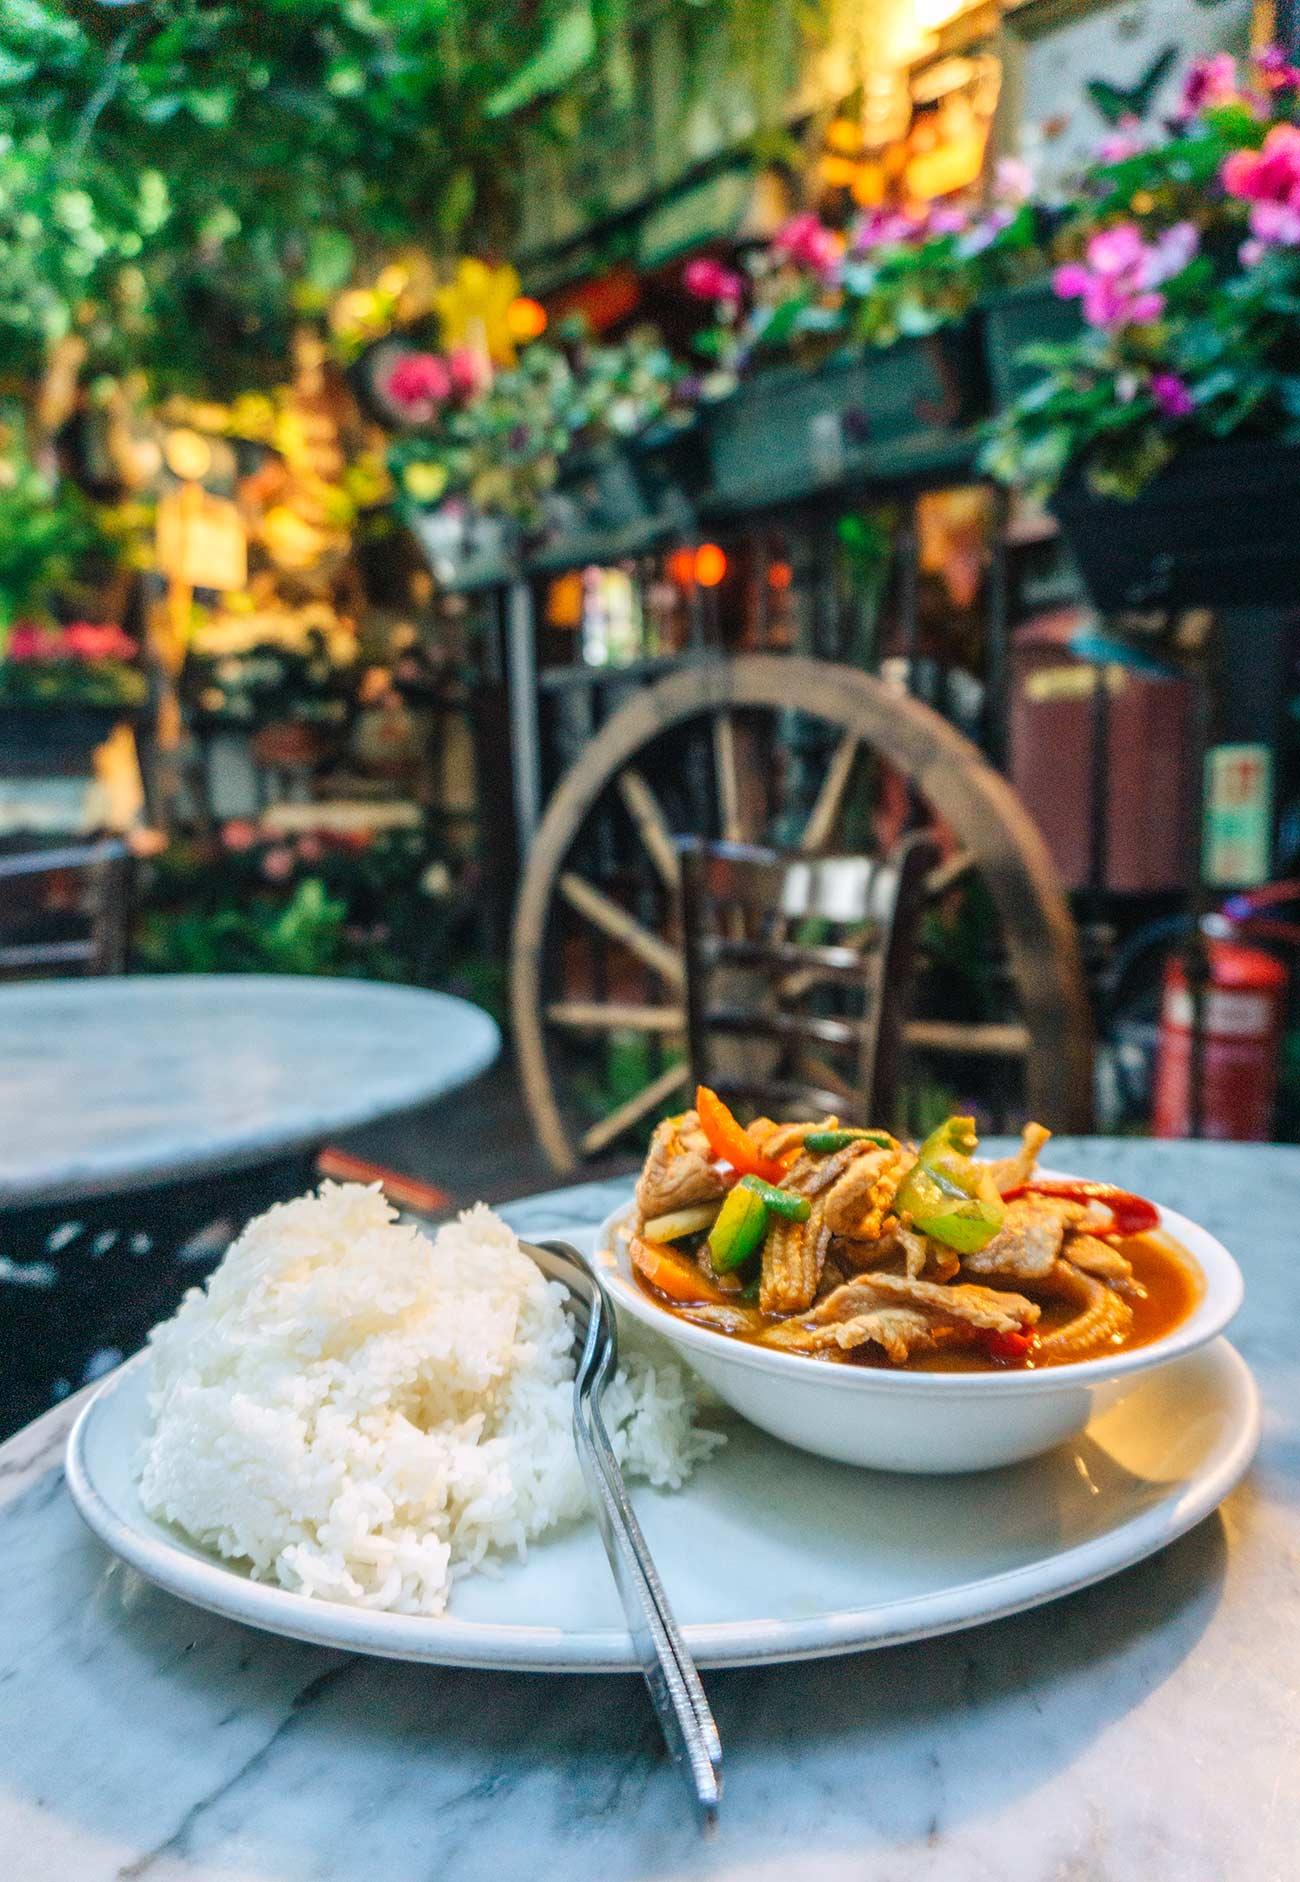 Thai food at the Churchill Arms pub London